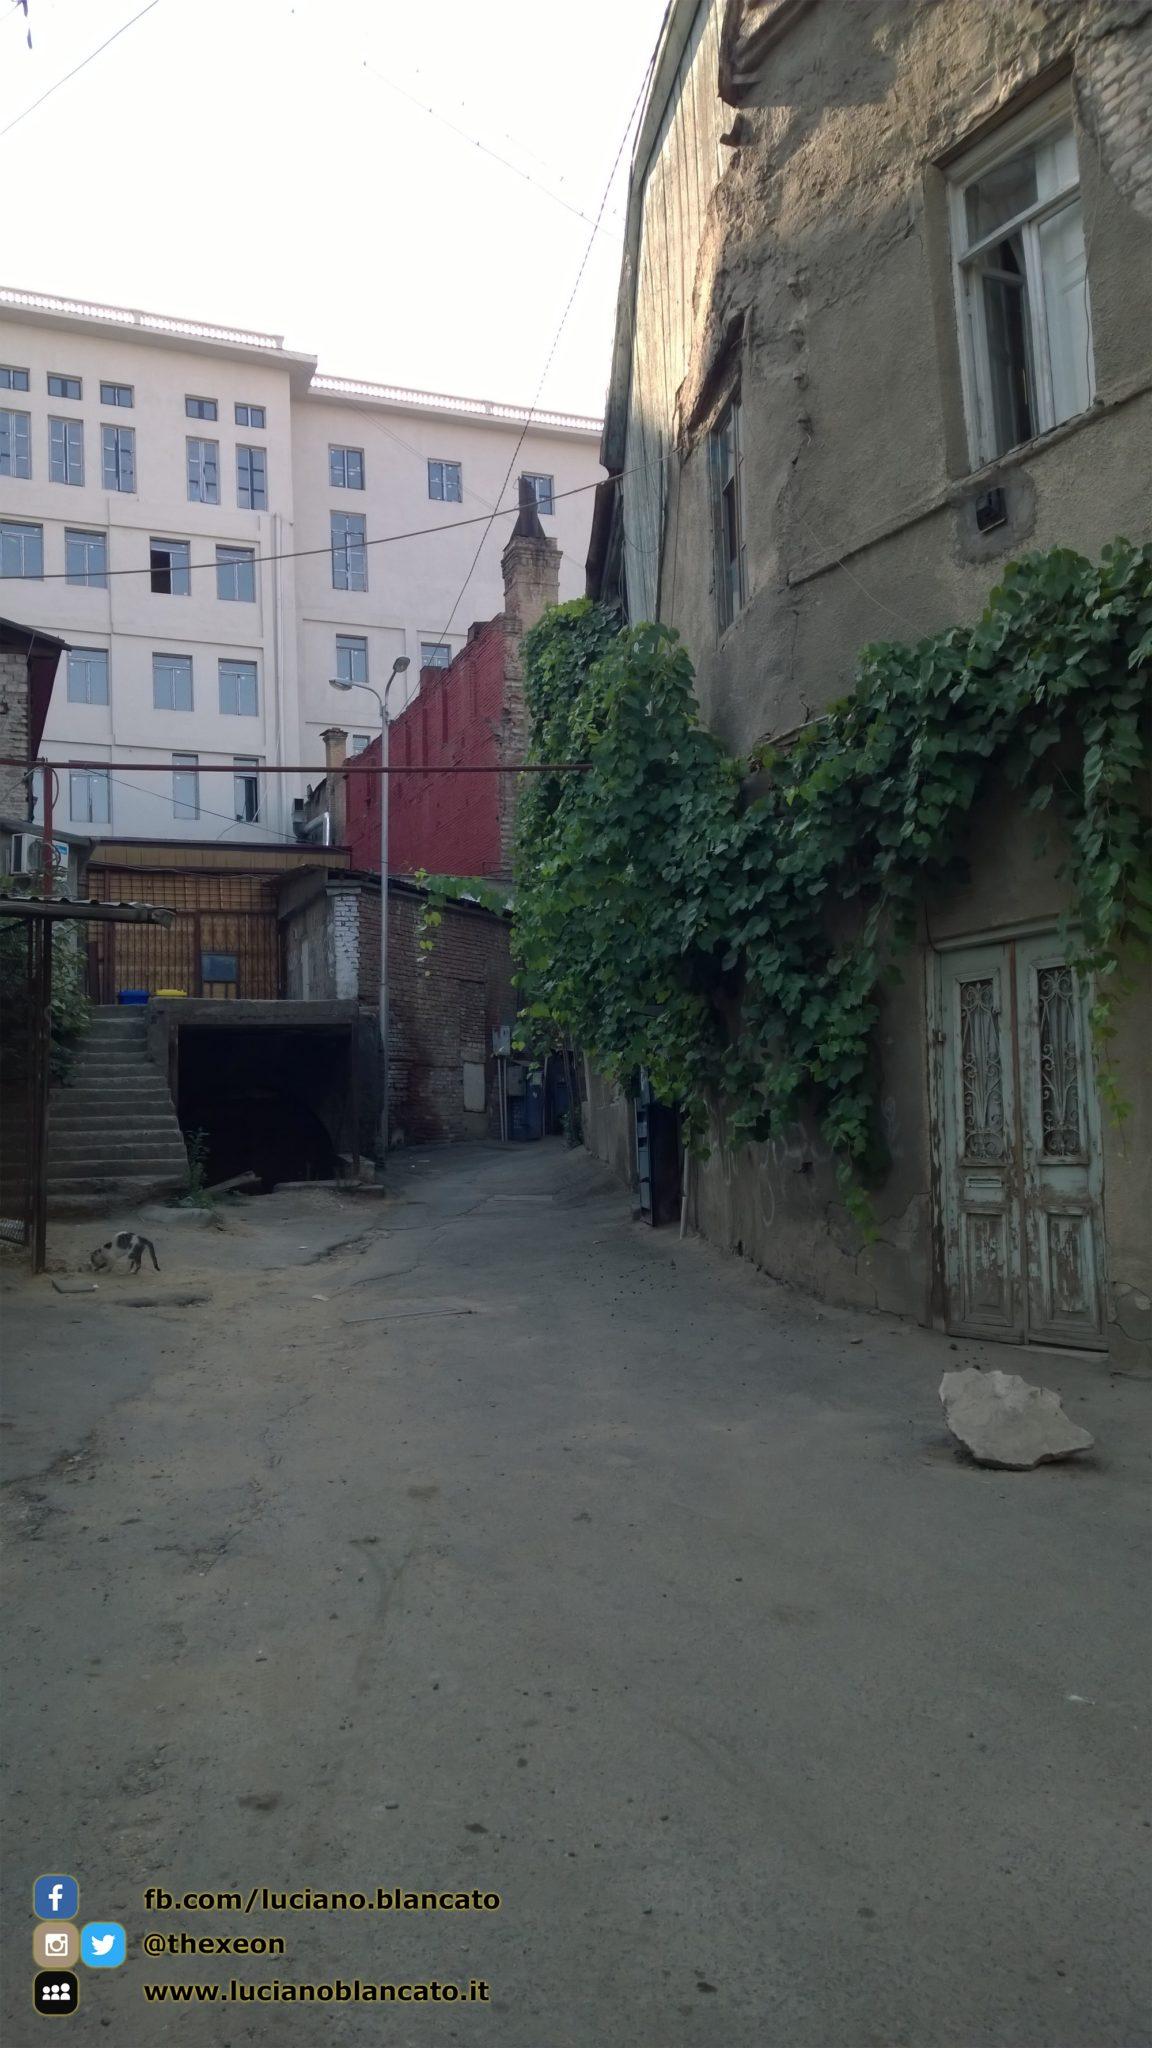 Tbilisi - 2014 - foto n 0089